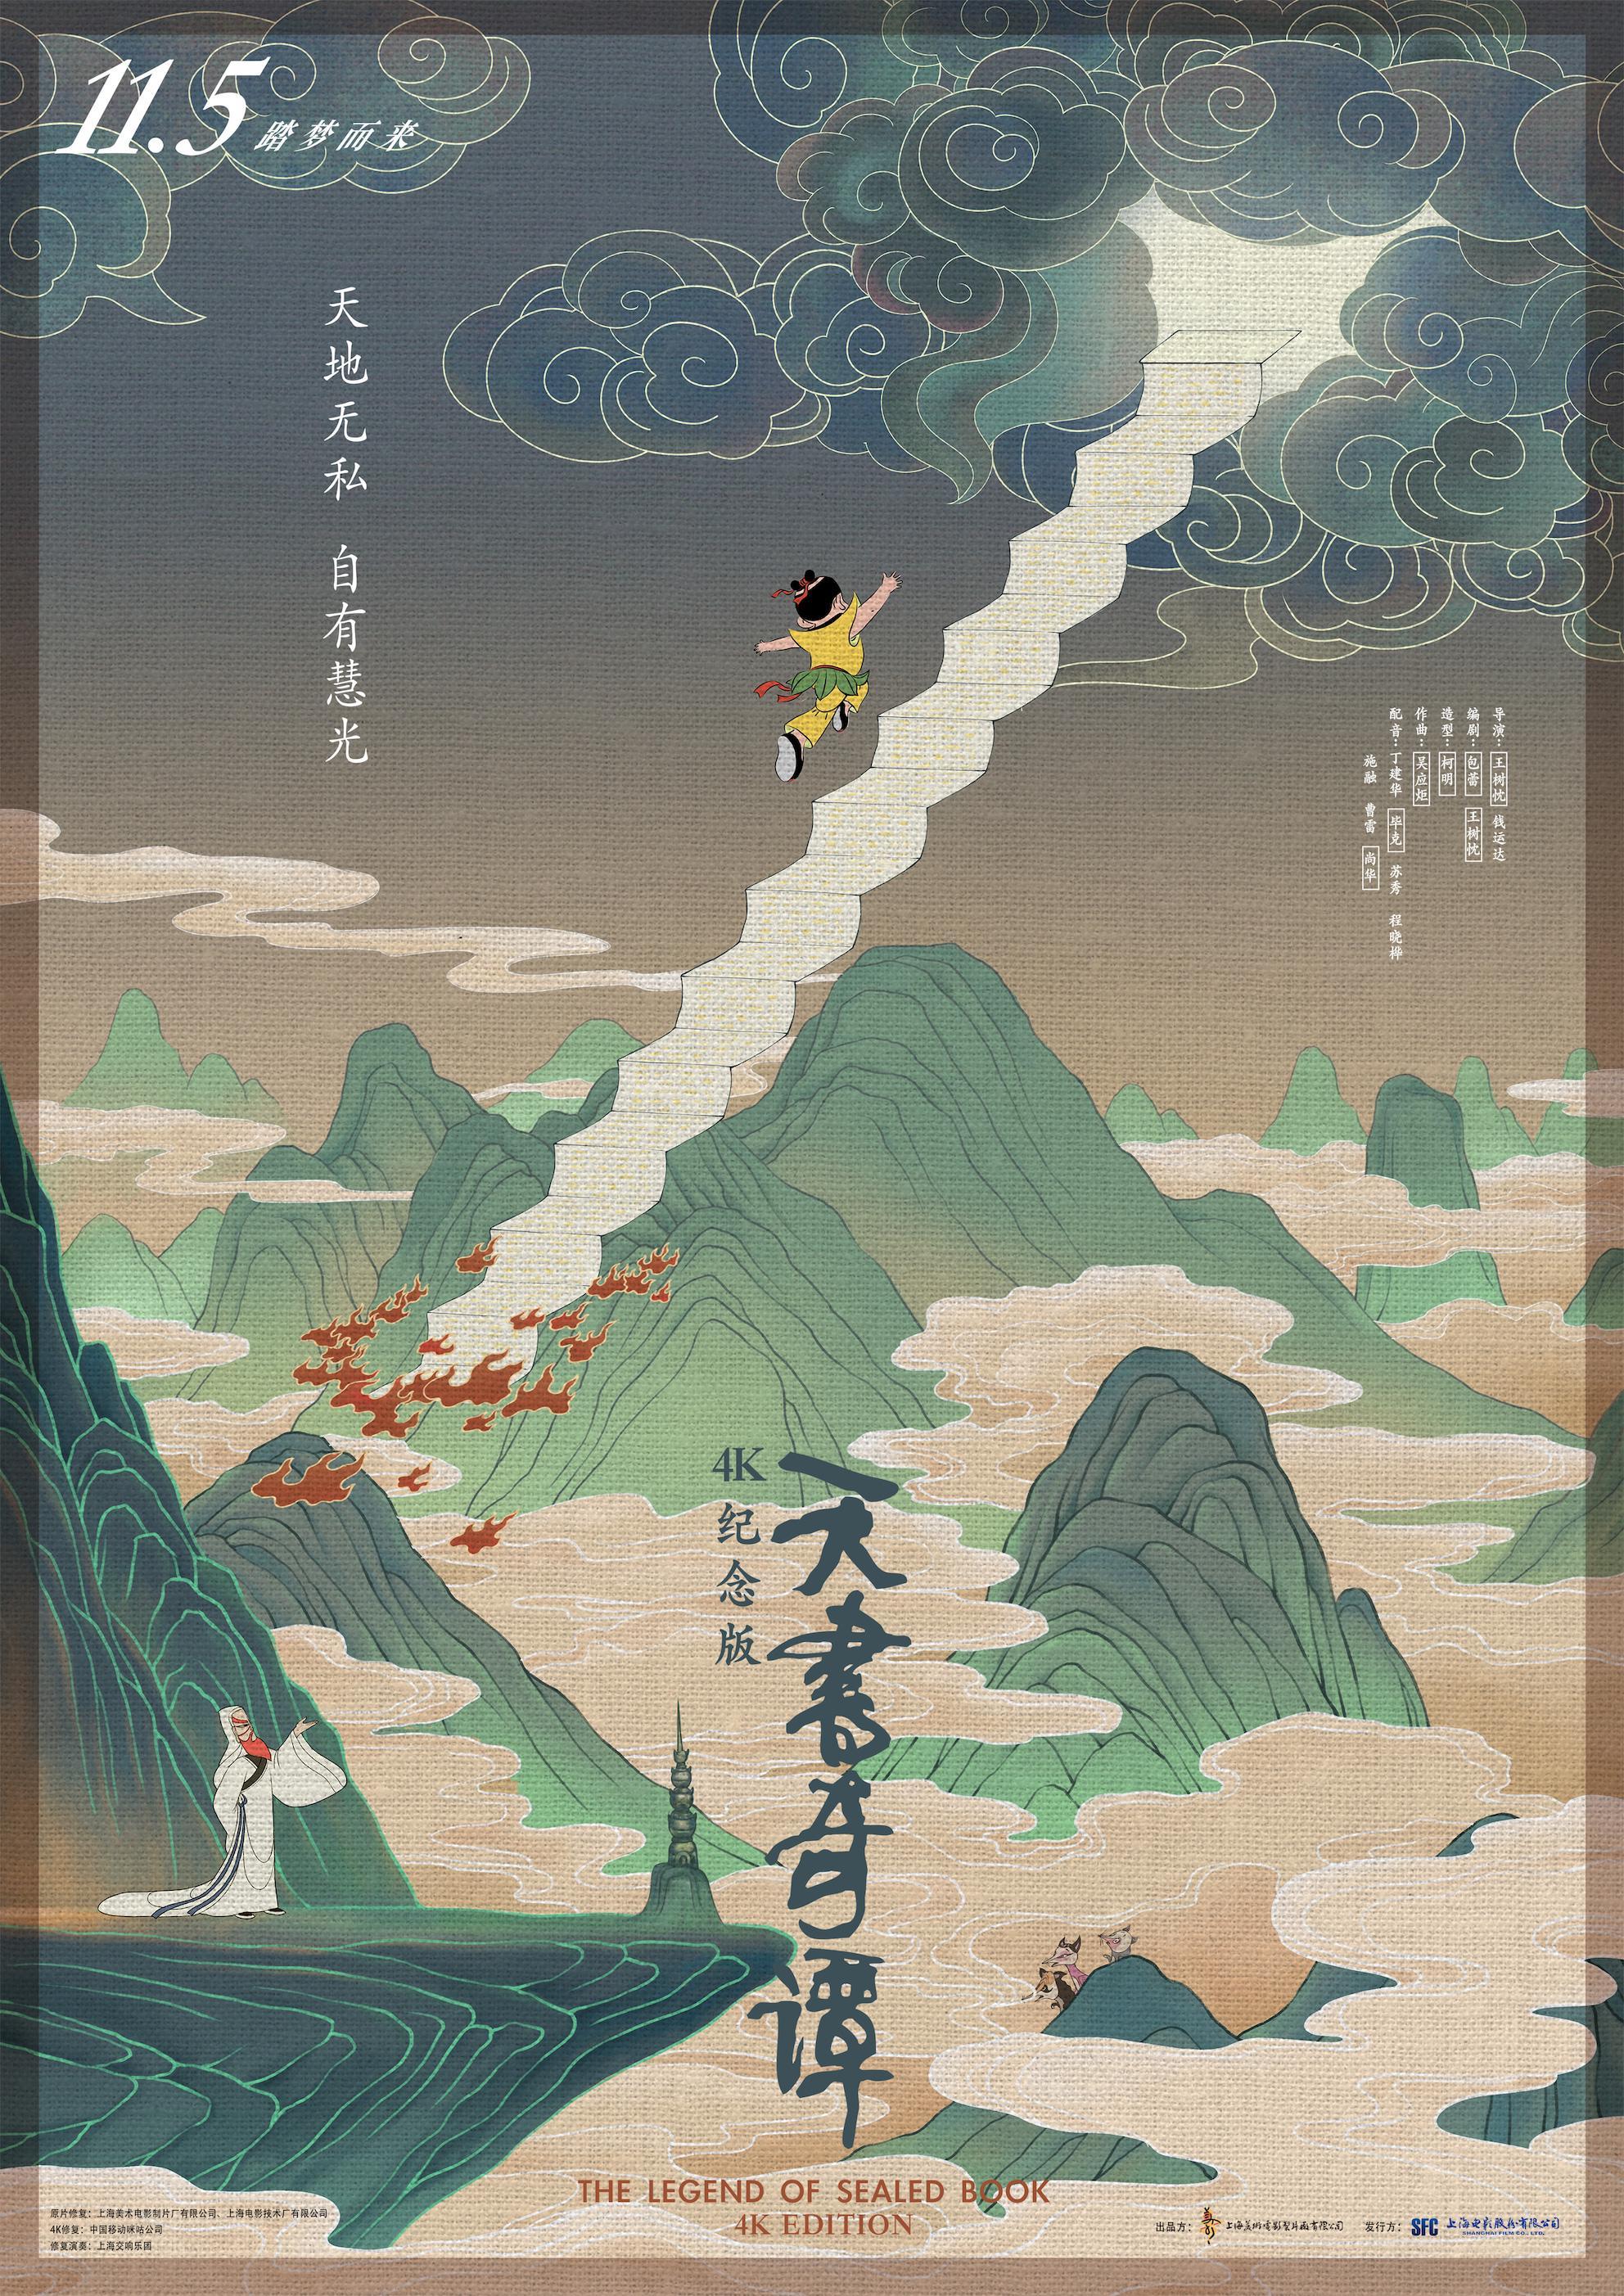 中国动画经典《天书奇谭》4K纪念版首登大银幕